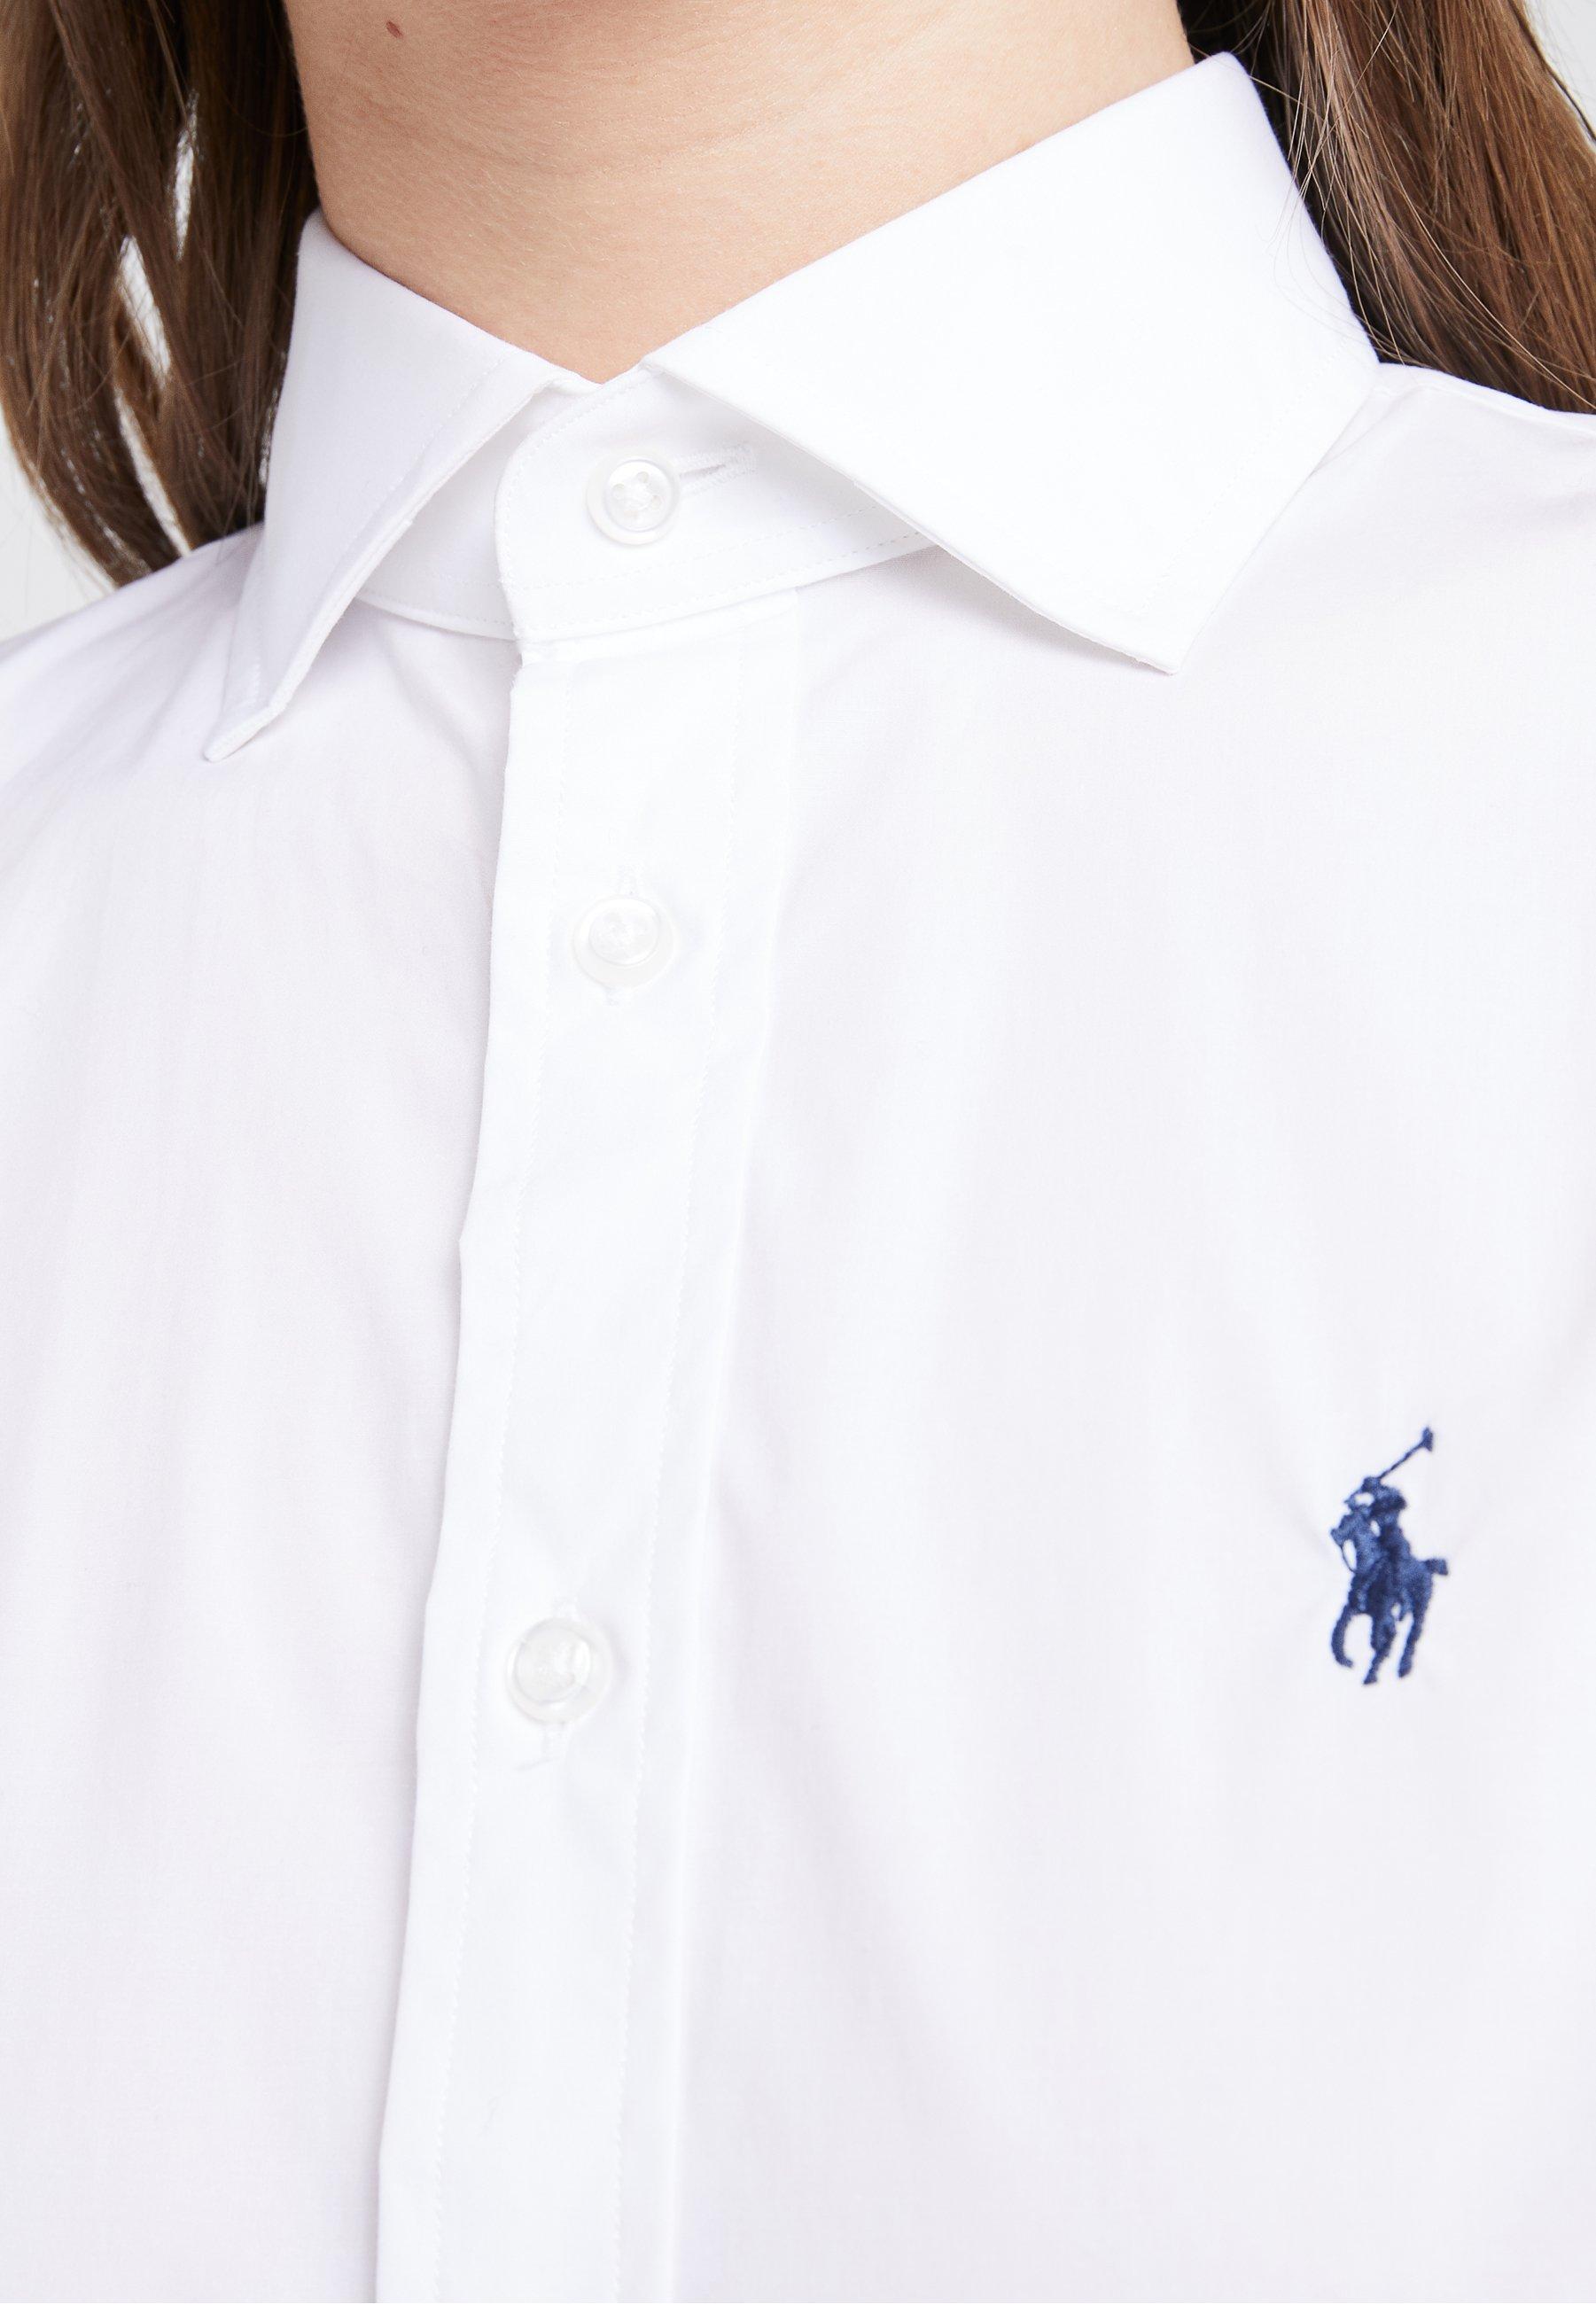 Polo Ralph Lauren KENDALL SLIM FIT - Skjorte - white